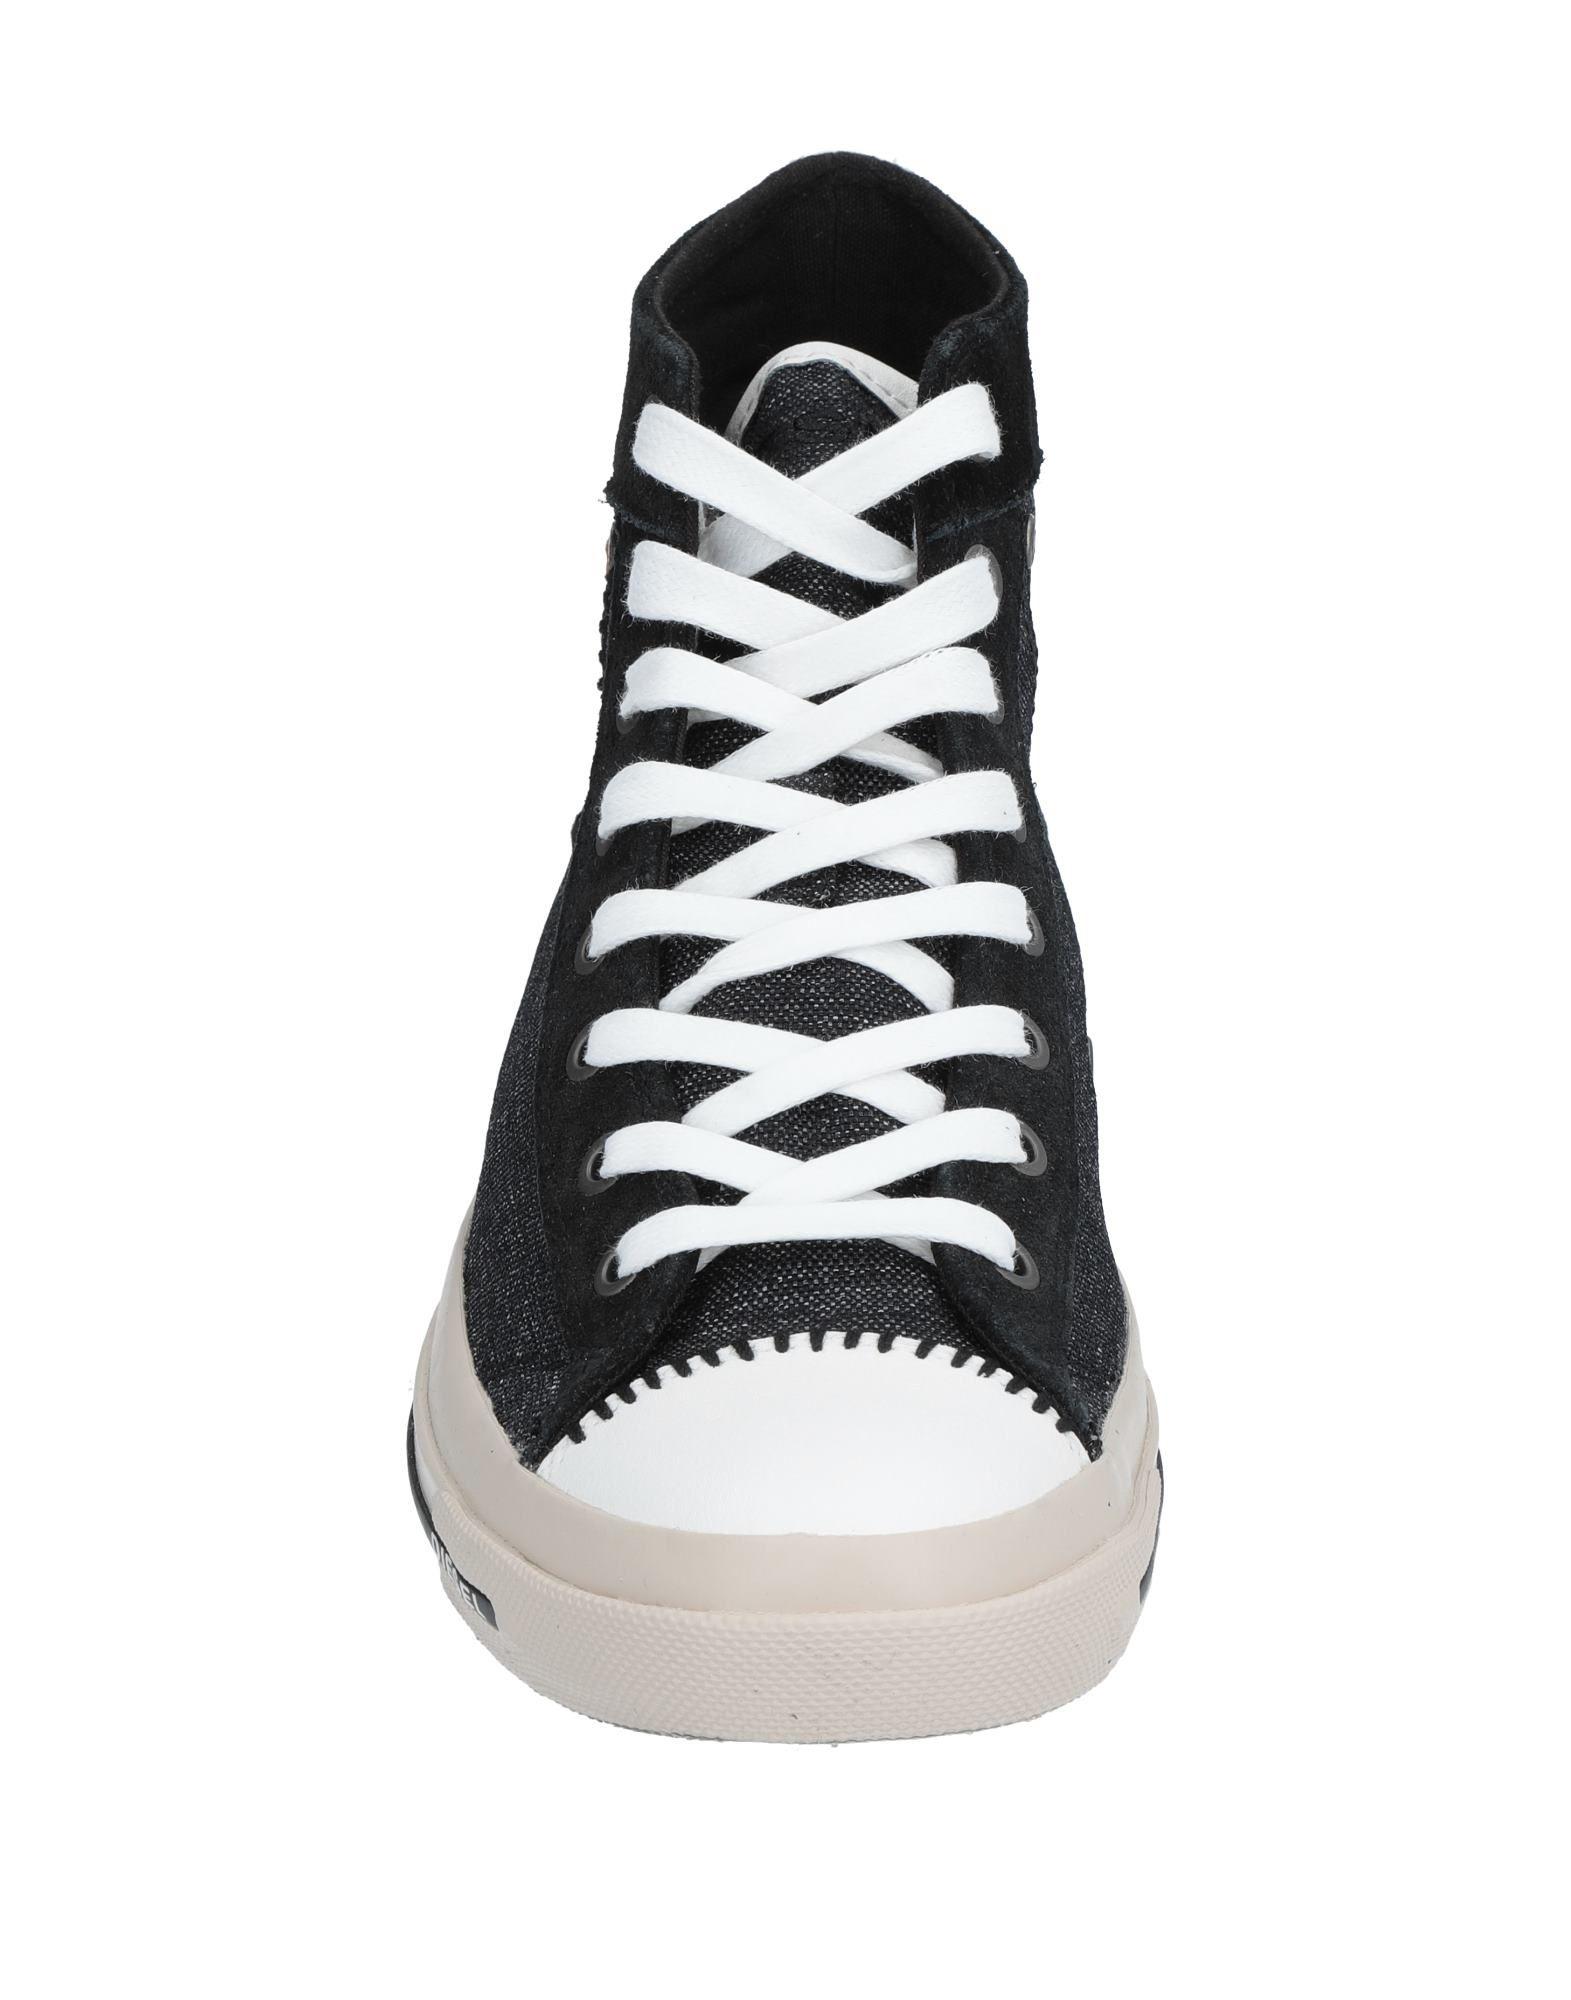 Rabatt echte  Schuhe Diesel Sneakers Herren  echte 11536128HP 24b3b8